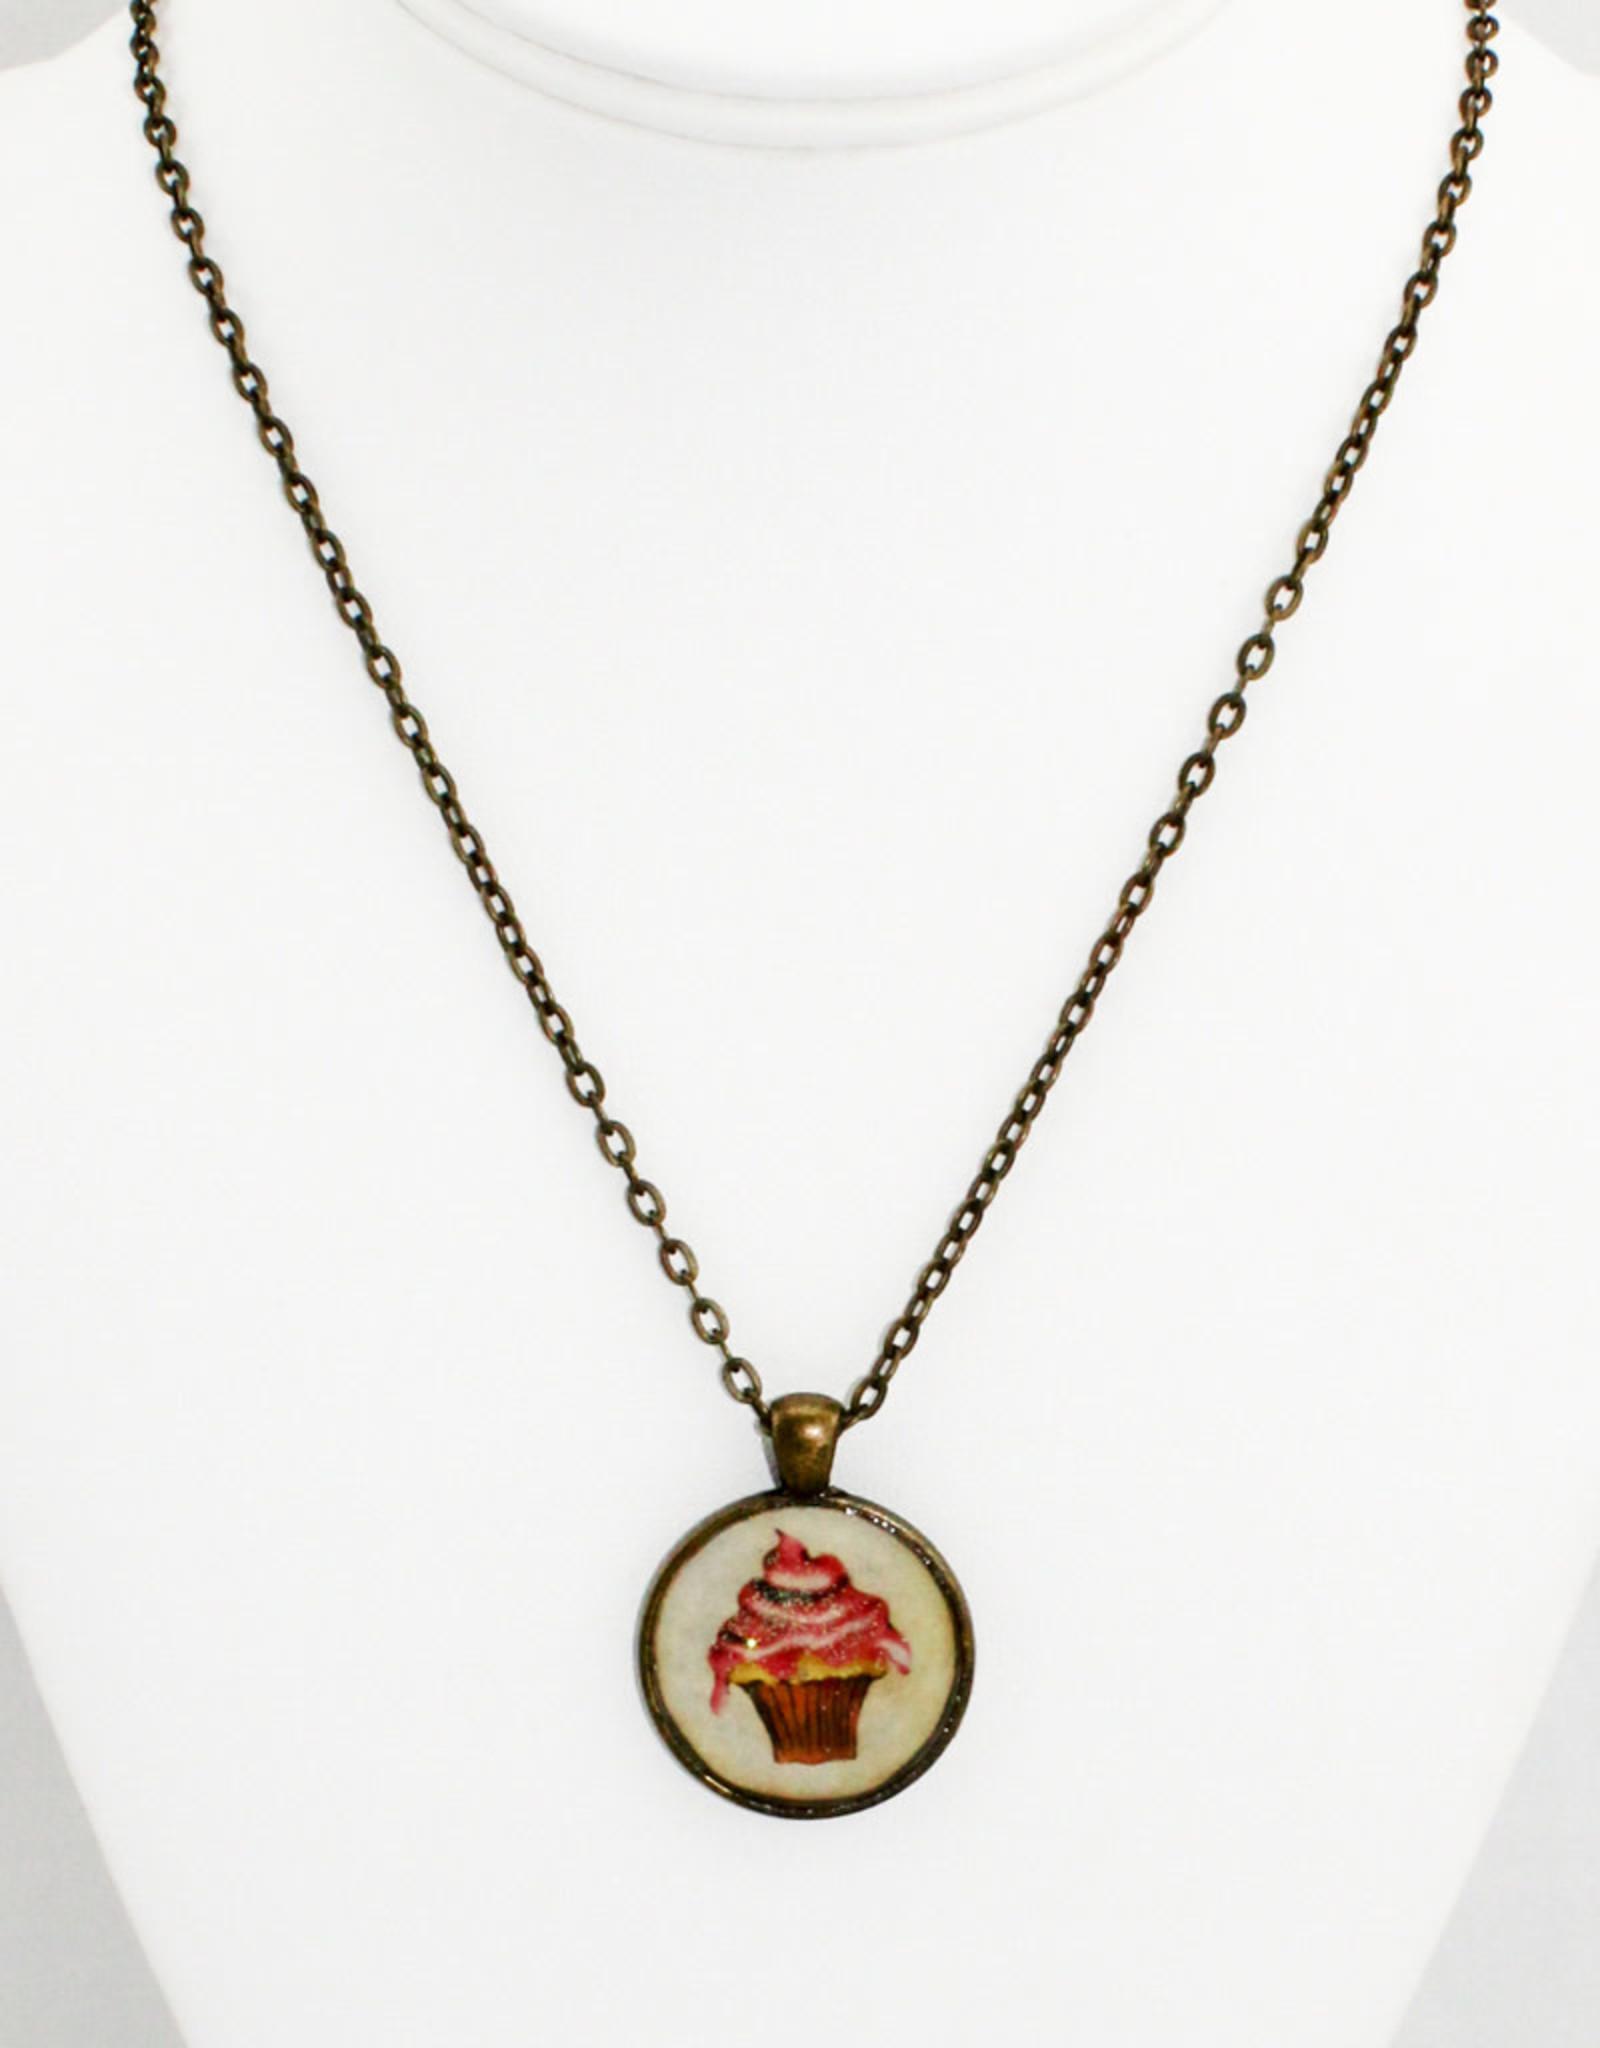 Sarah Taylor Jewelry Pink Cupcake Pendant